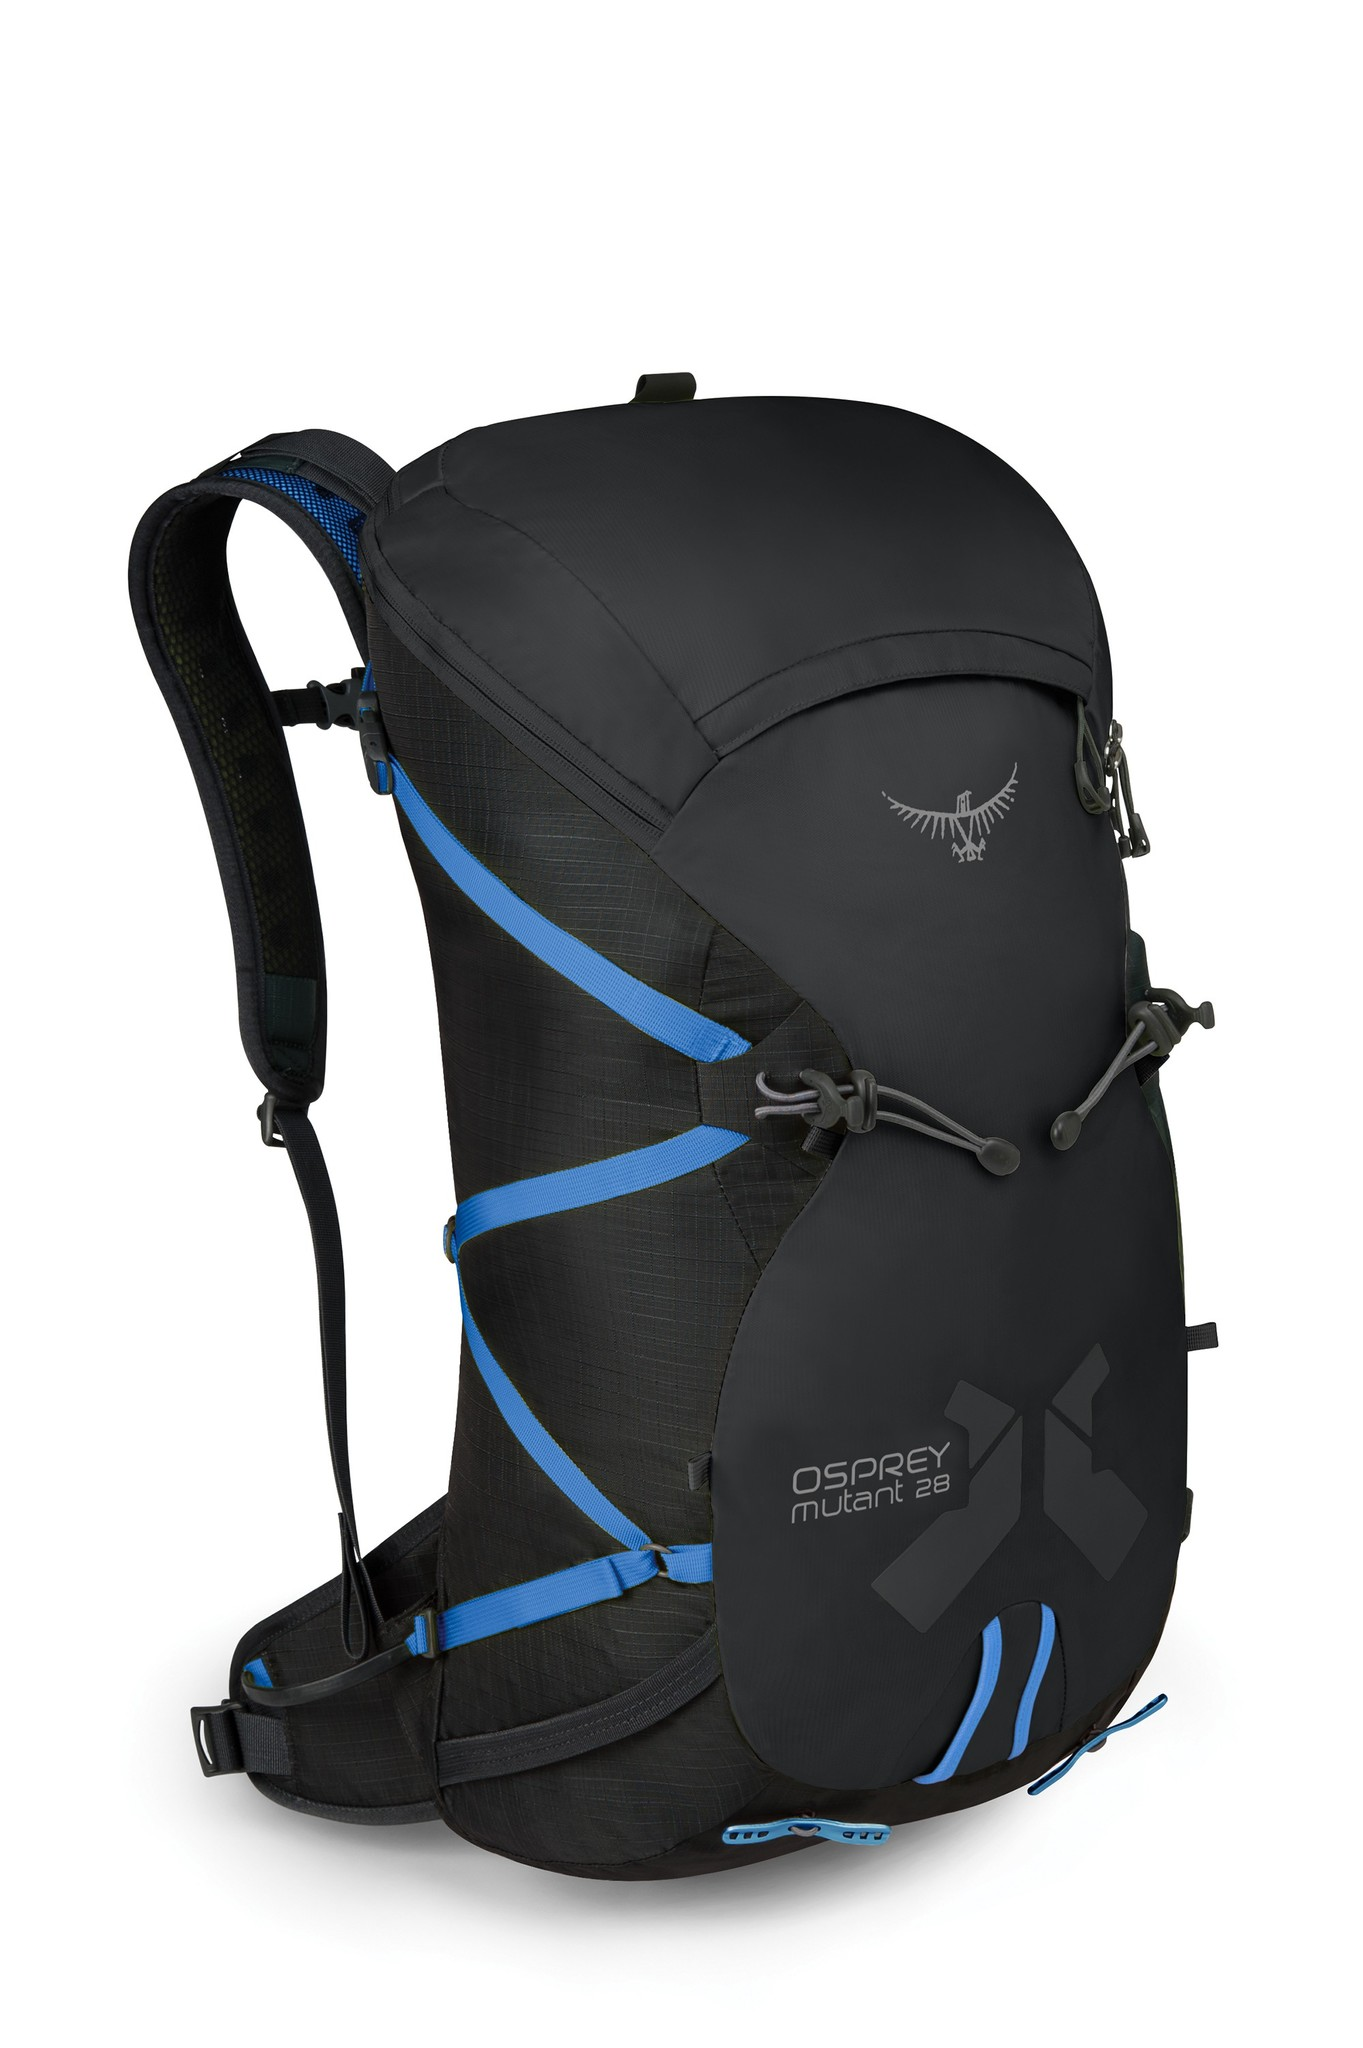 Туристические рюкзаки Рюкзак для восхождений Osprey Mutant 28 mutant-28_black_web_1.jpg